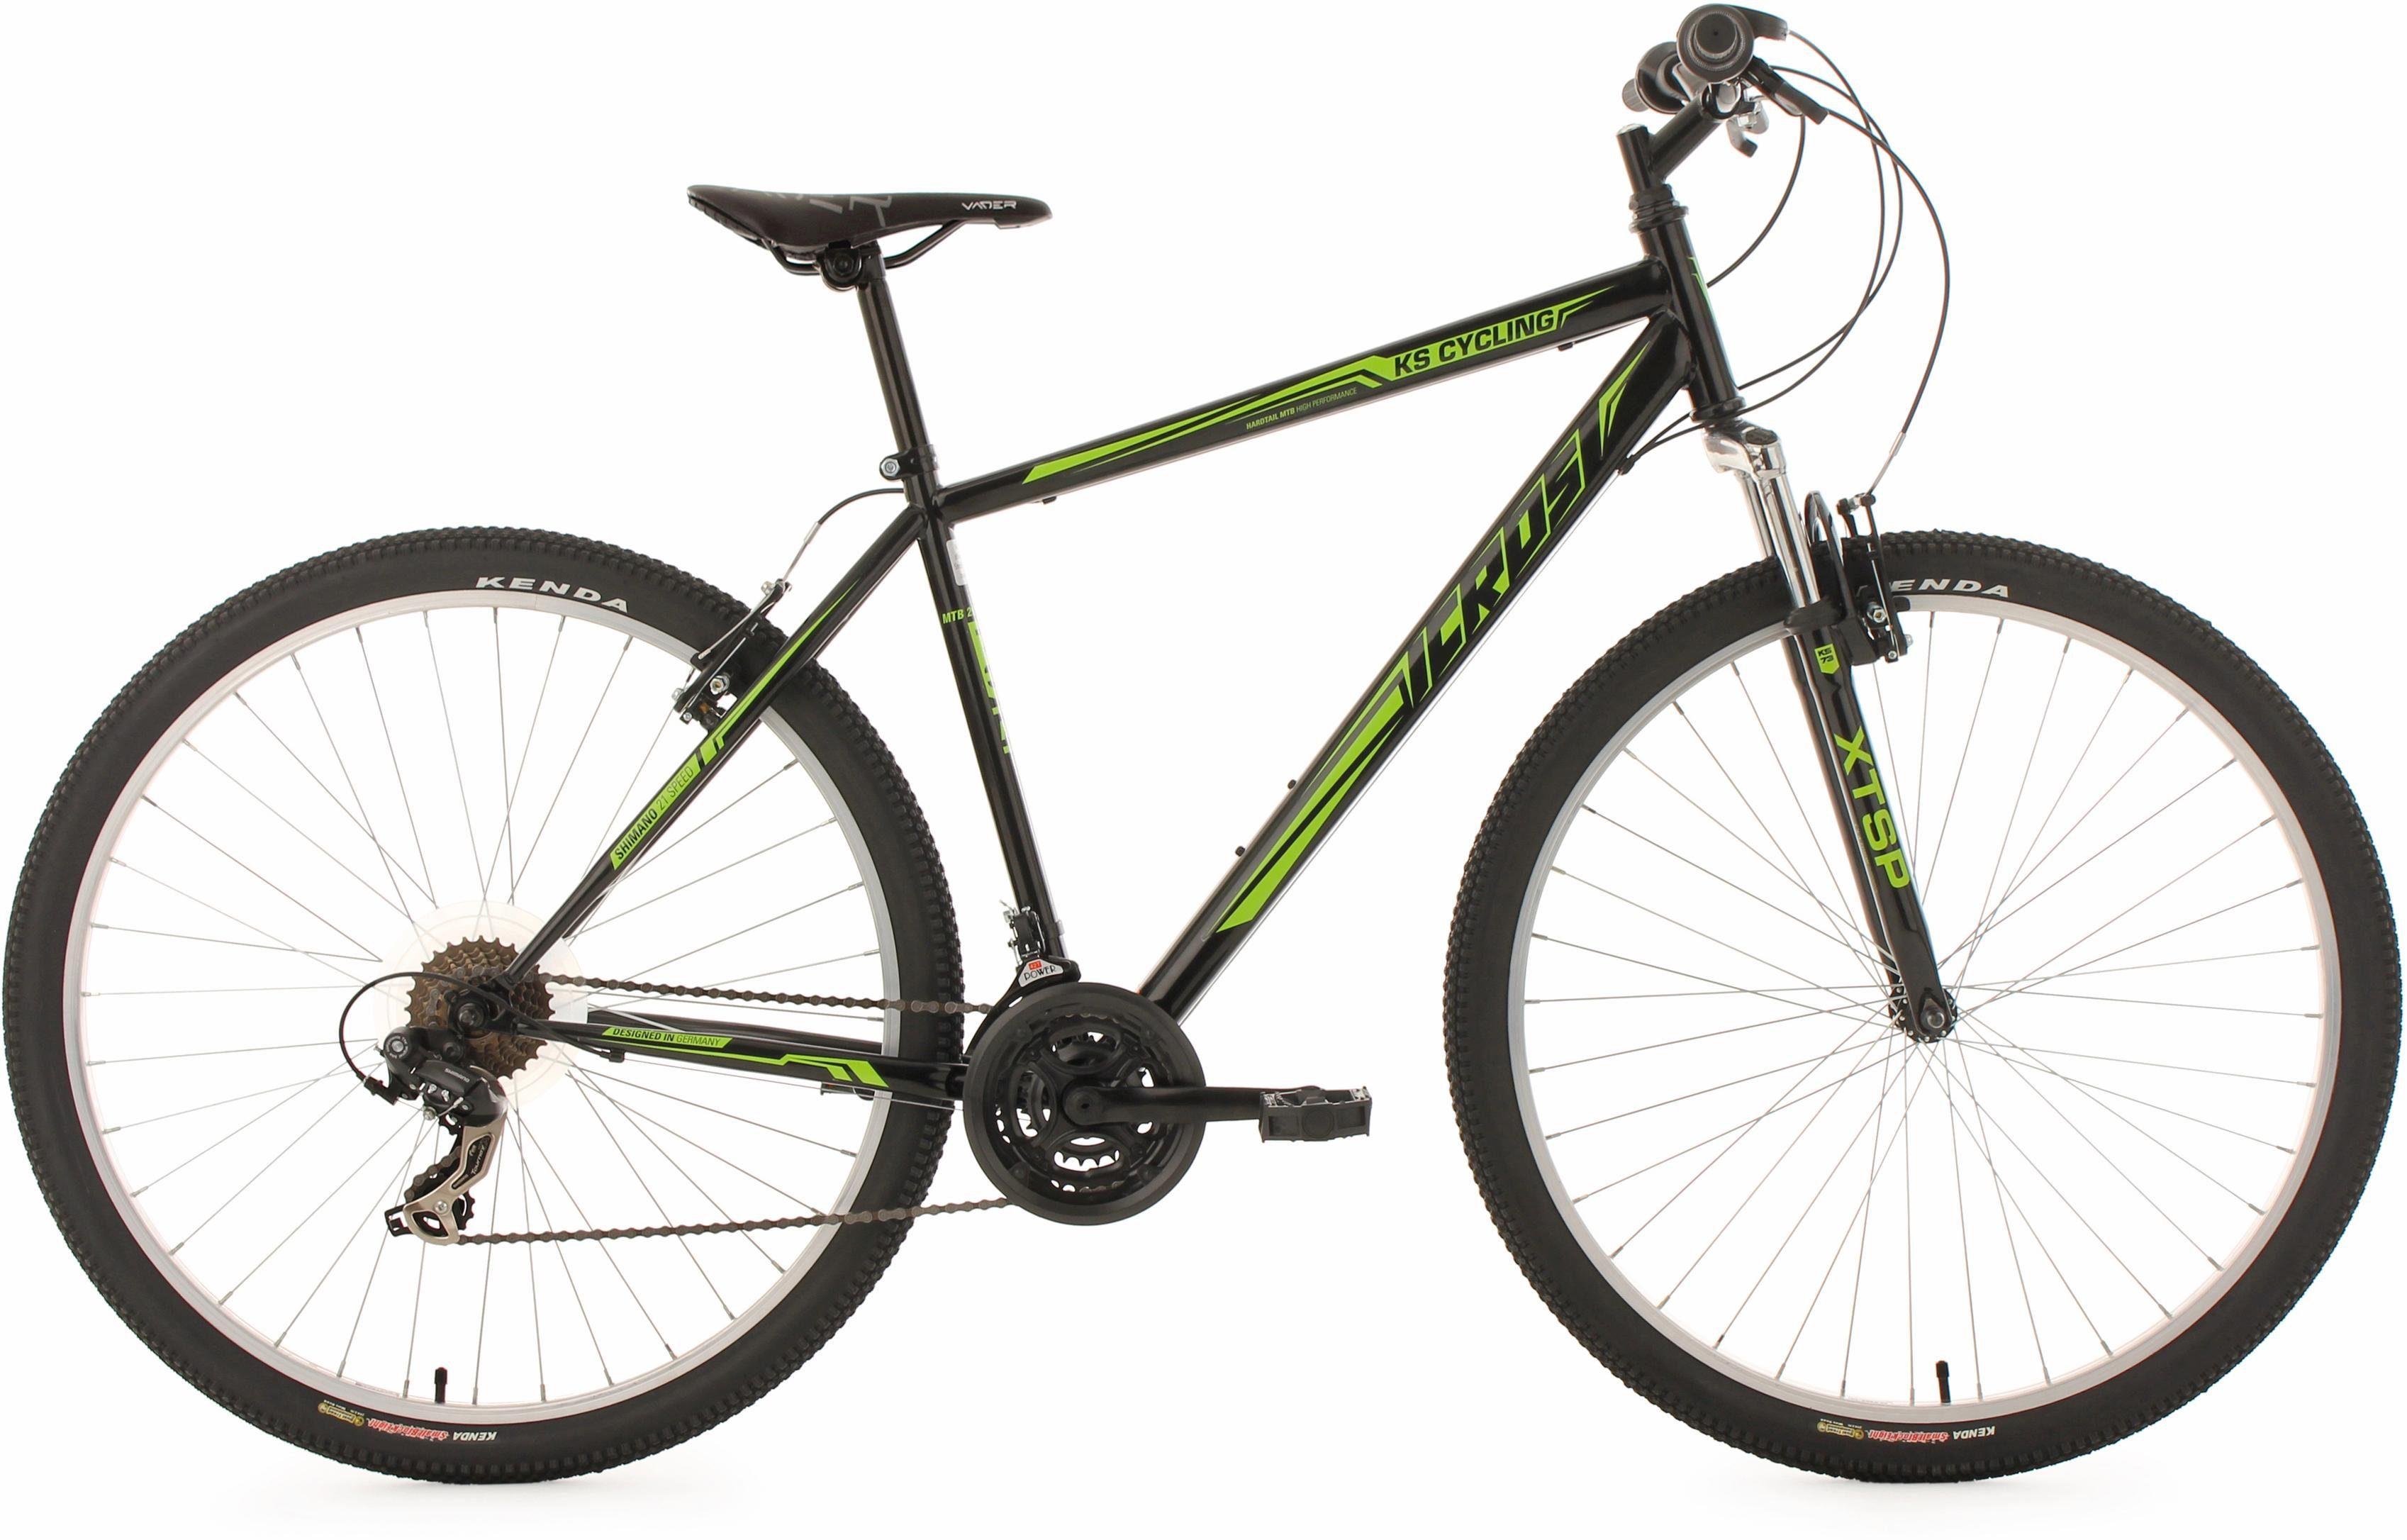 KS Cycling Hardtail Mountainbike, 29 Zoll, schwarz-grün, 21 Gang-Kettenschaltung, »Icros«